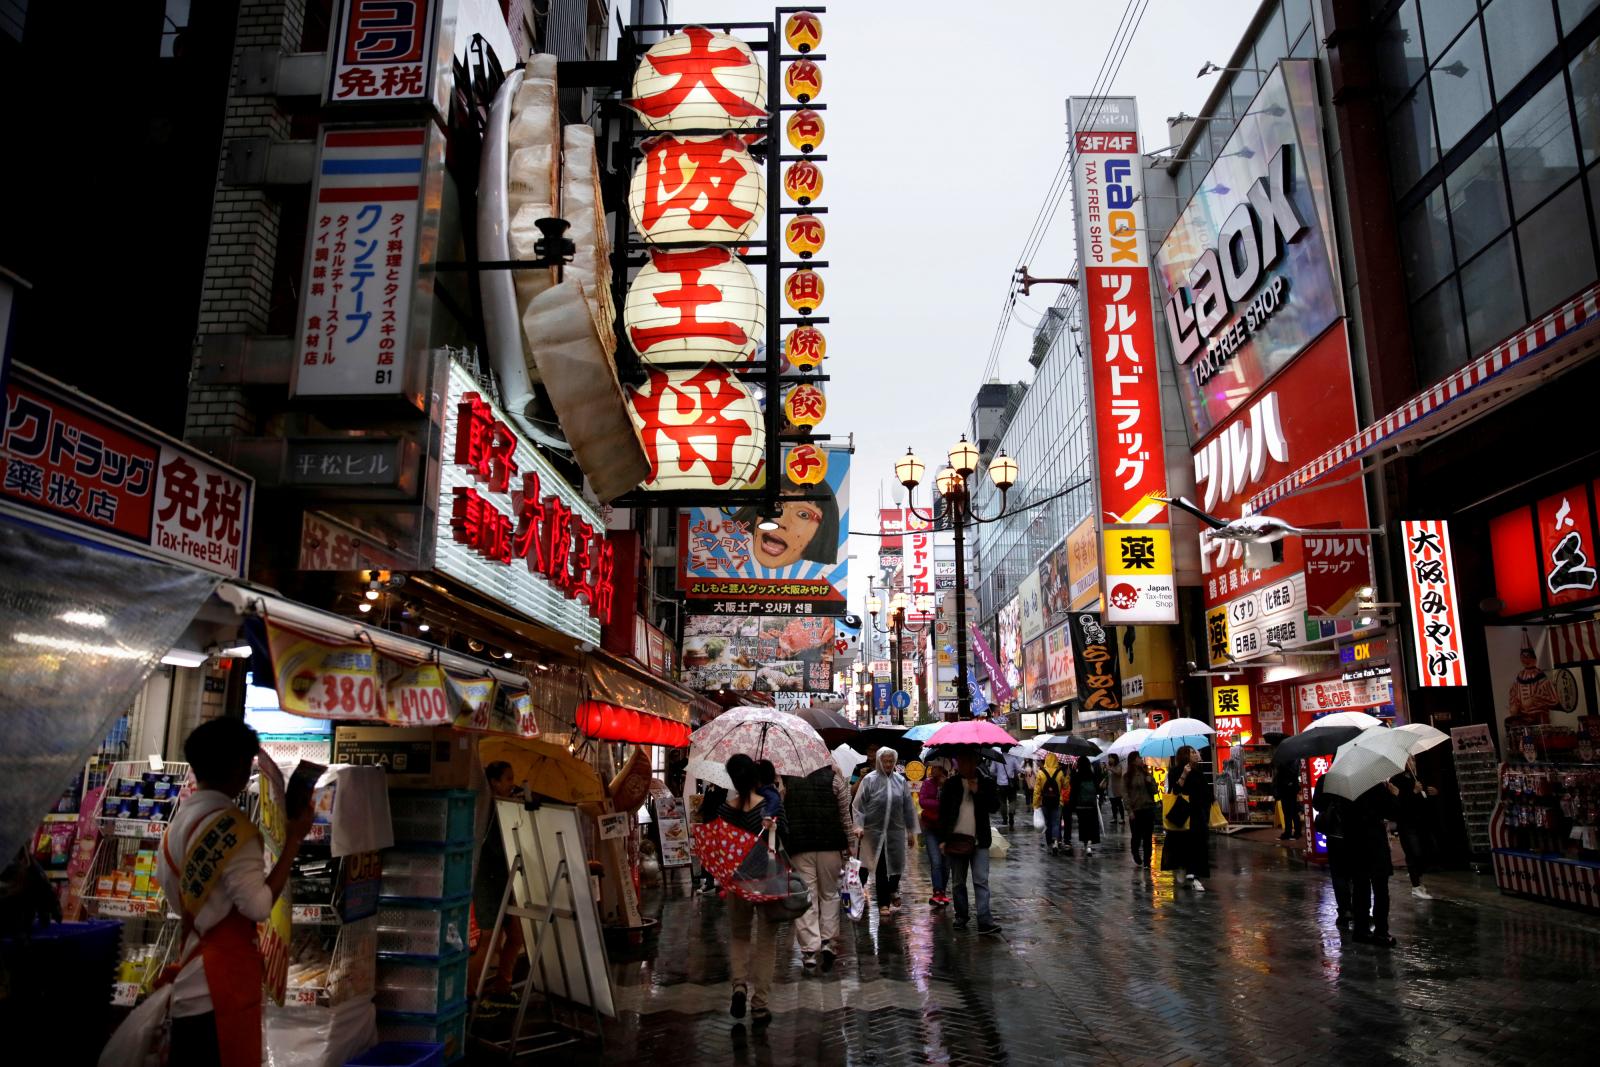 Japan, EU to sign trade deal